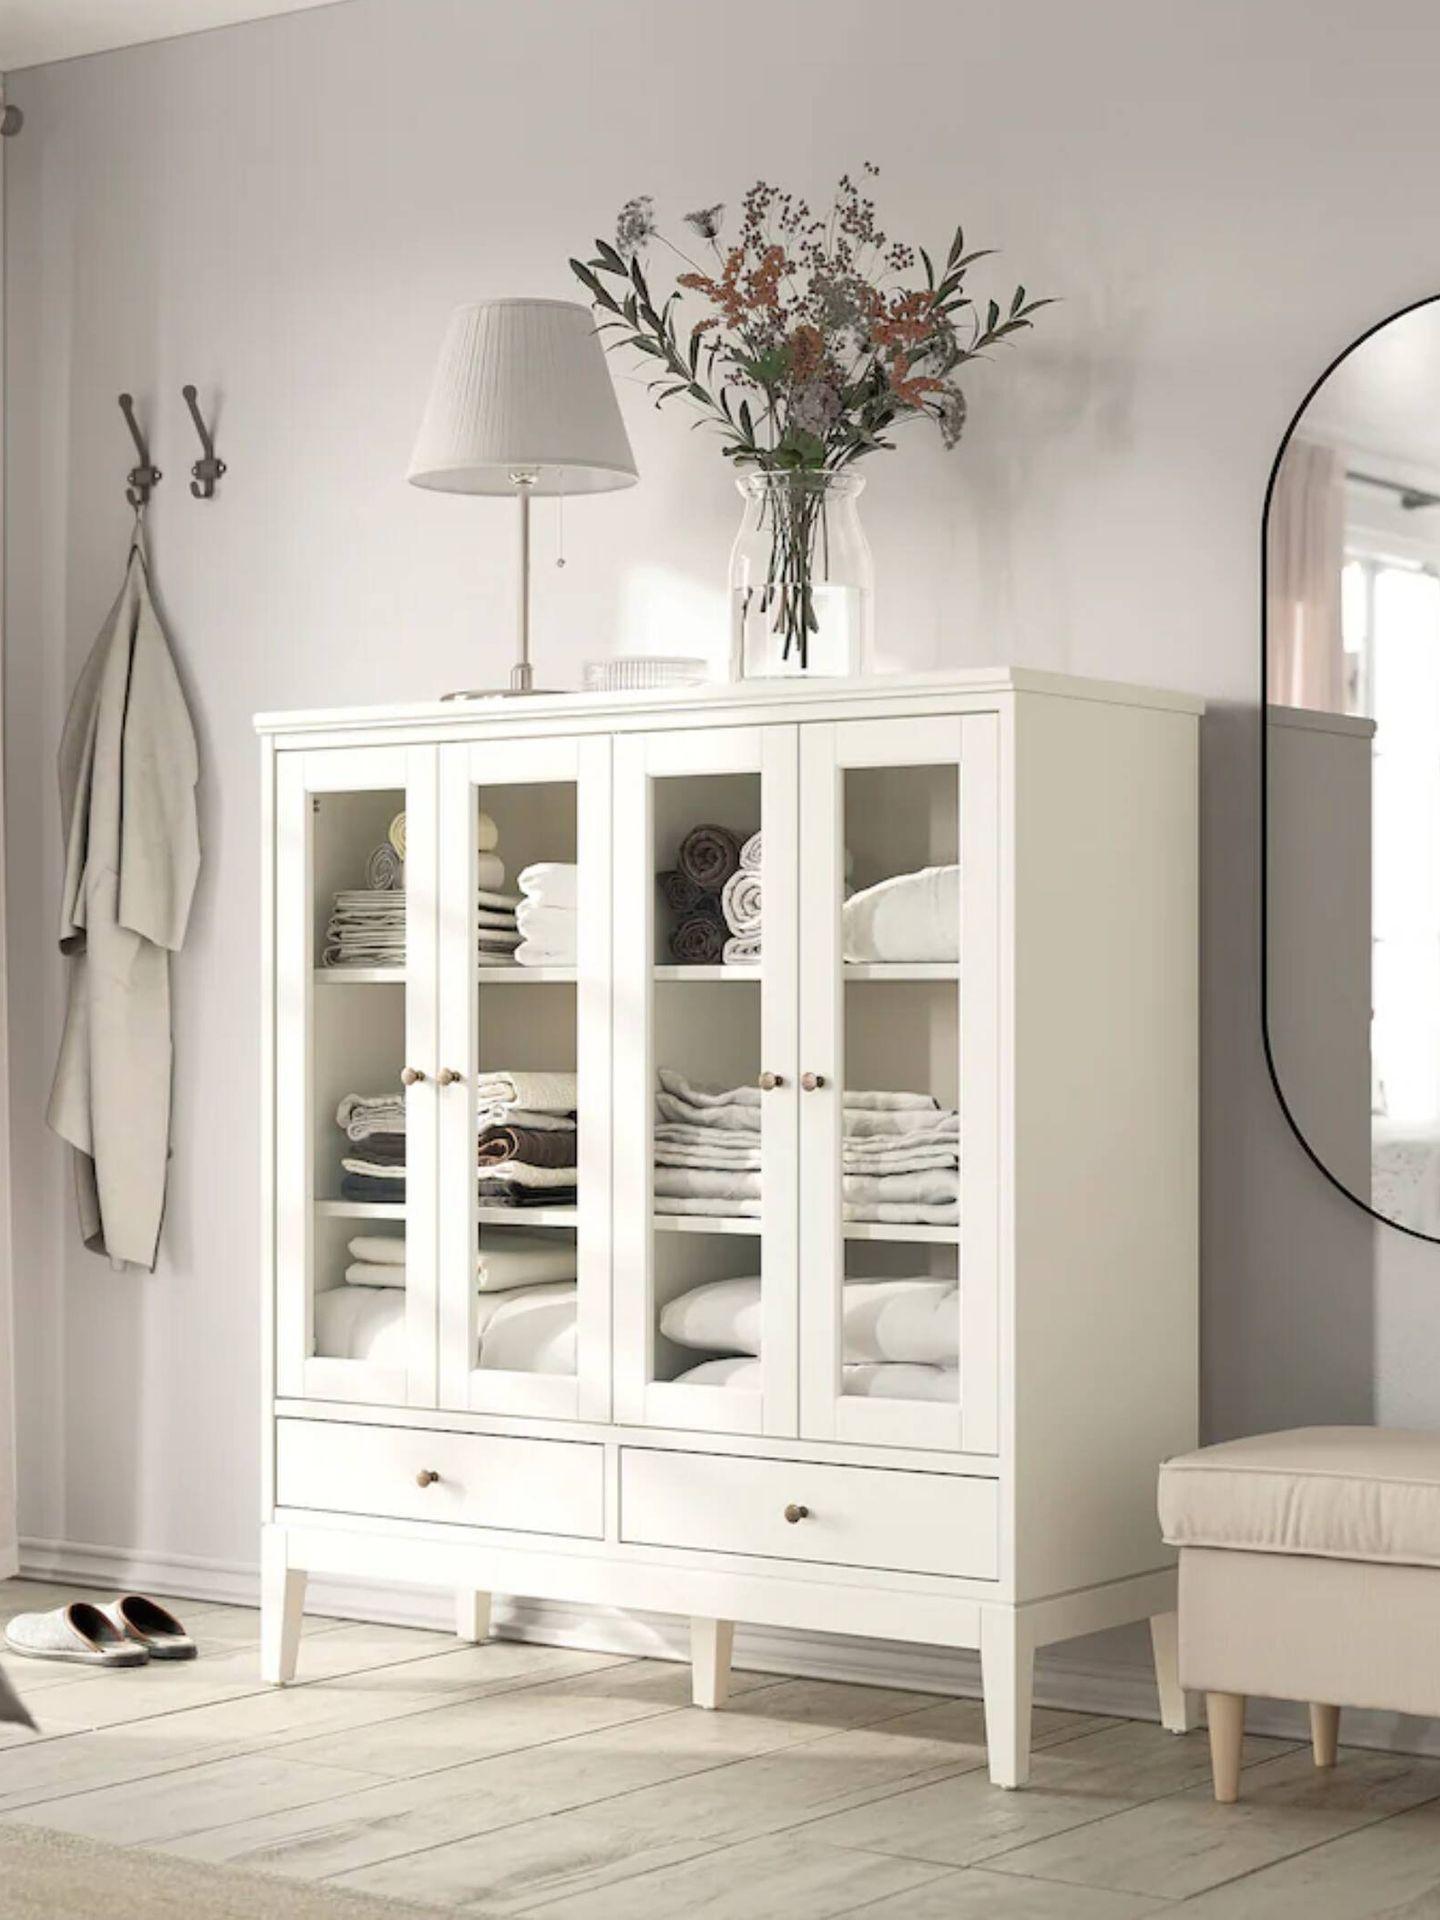 El nuevo mueble de Ikea es ideal para toda la casa. (Cortesía)